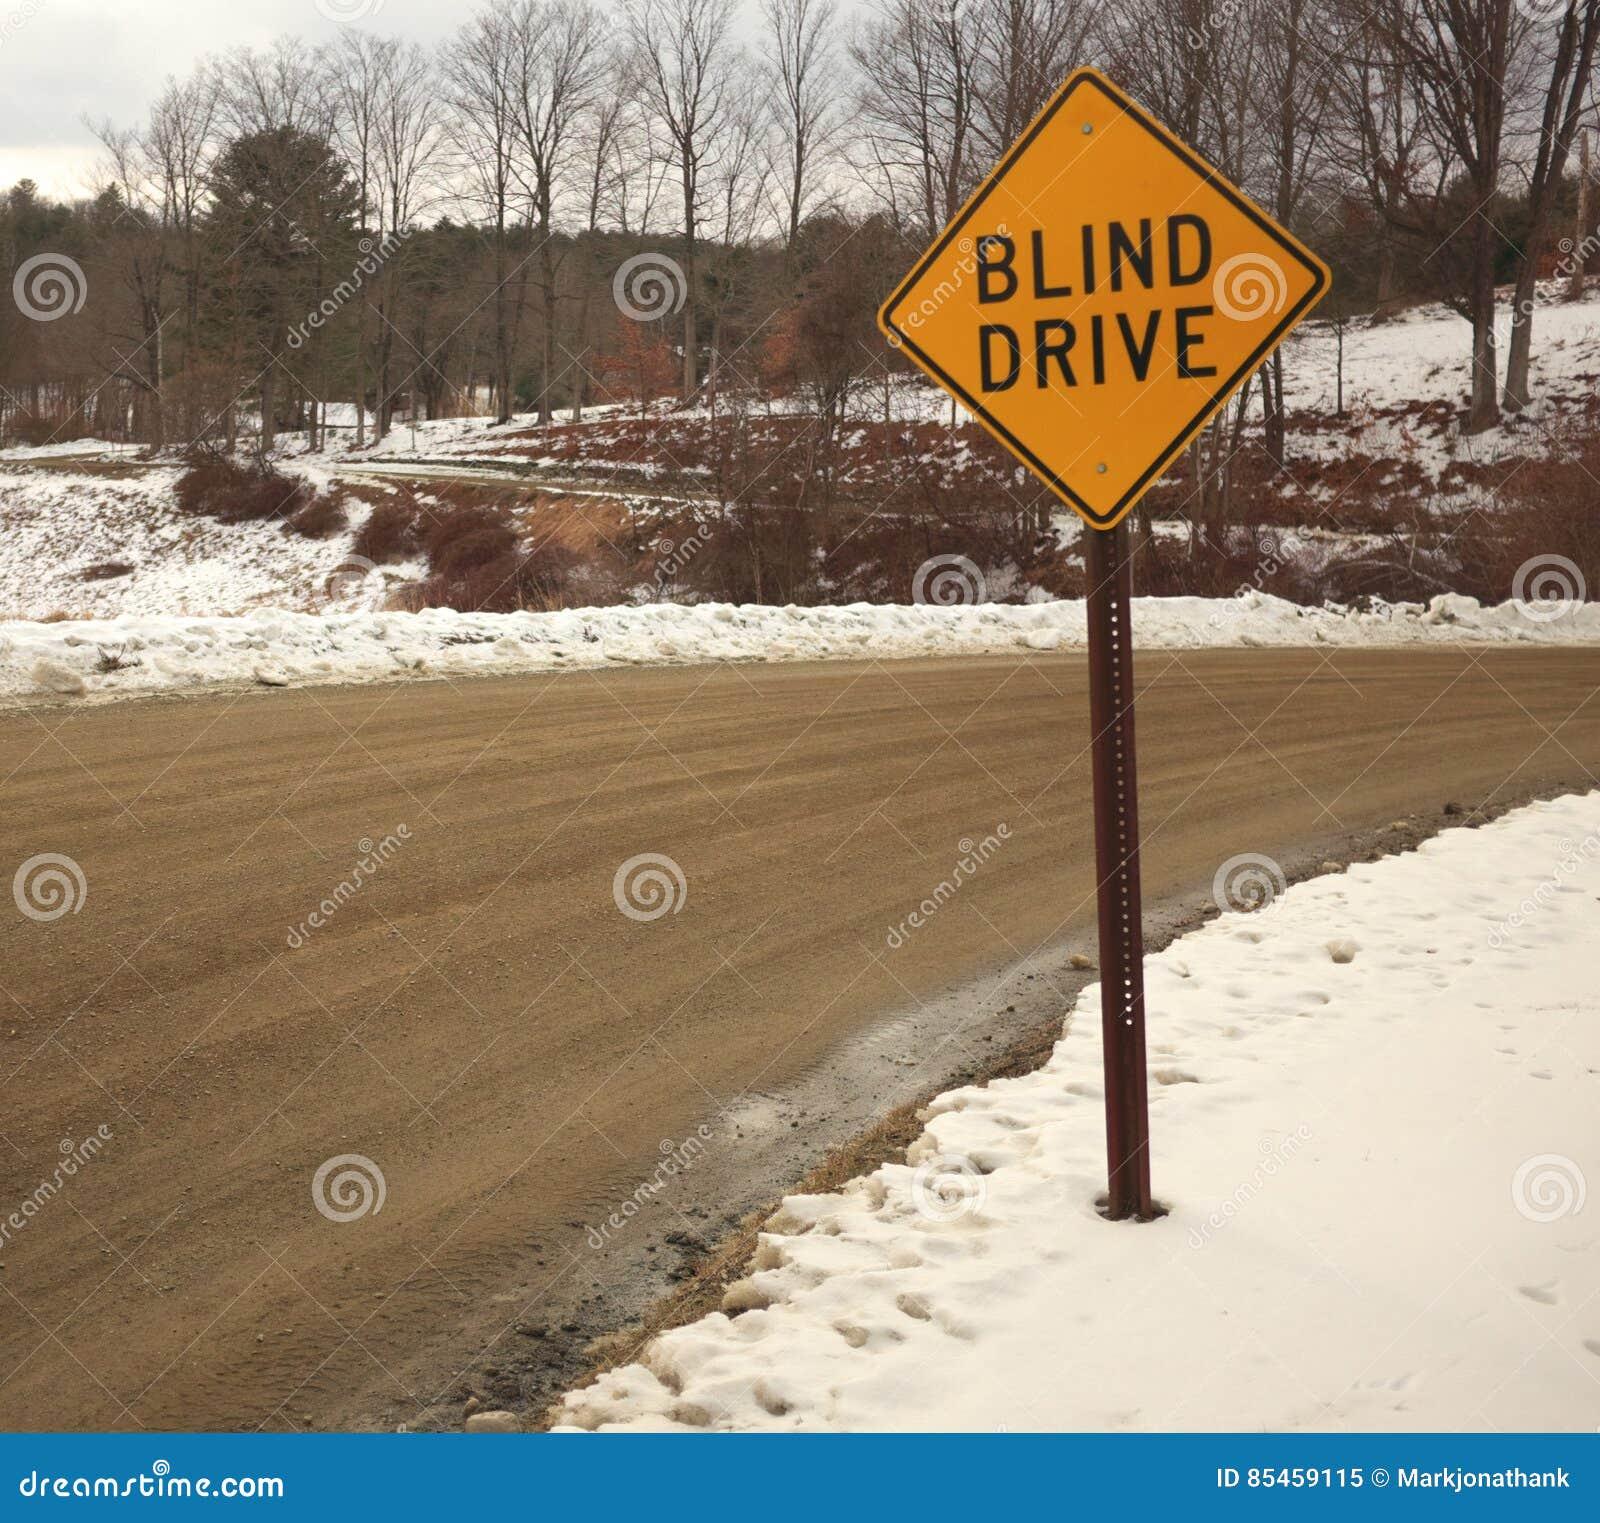 黄色盲人驾驶在绕土路的标志